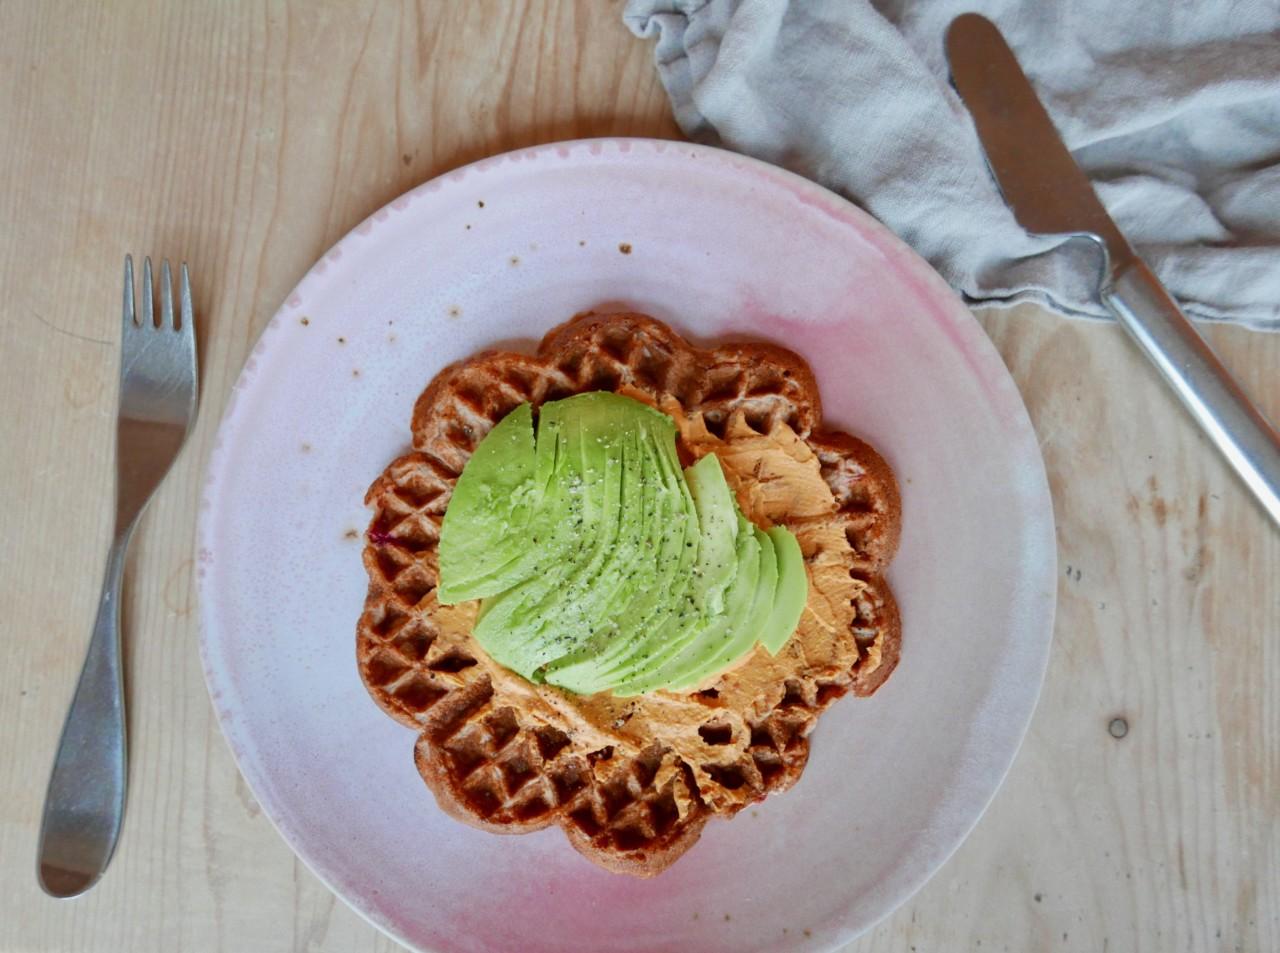 banan-vafler-glutenfrie-avokado-hummus